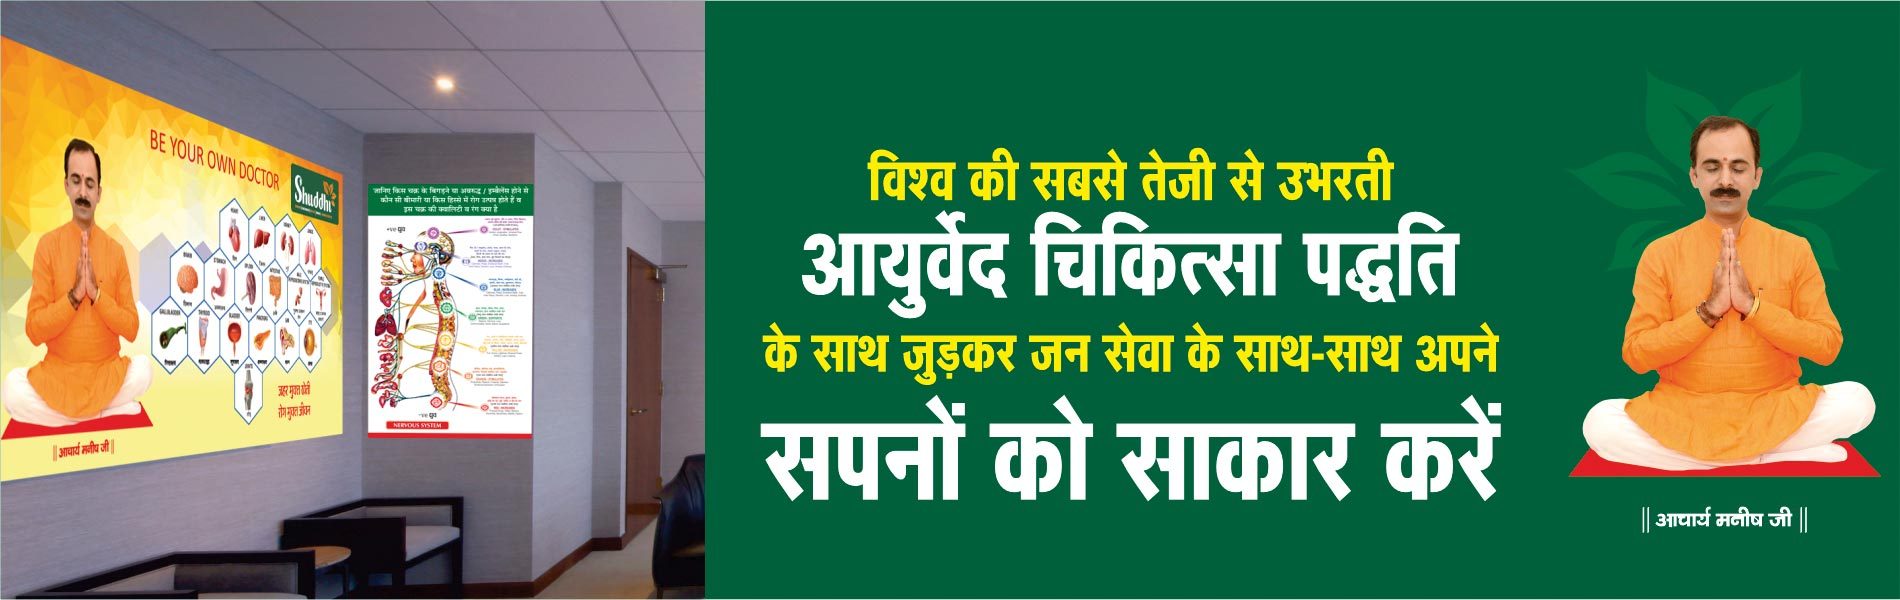 Jeena Sikho Lifecare Pvt. Ltd.